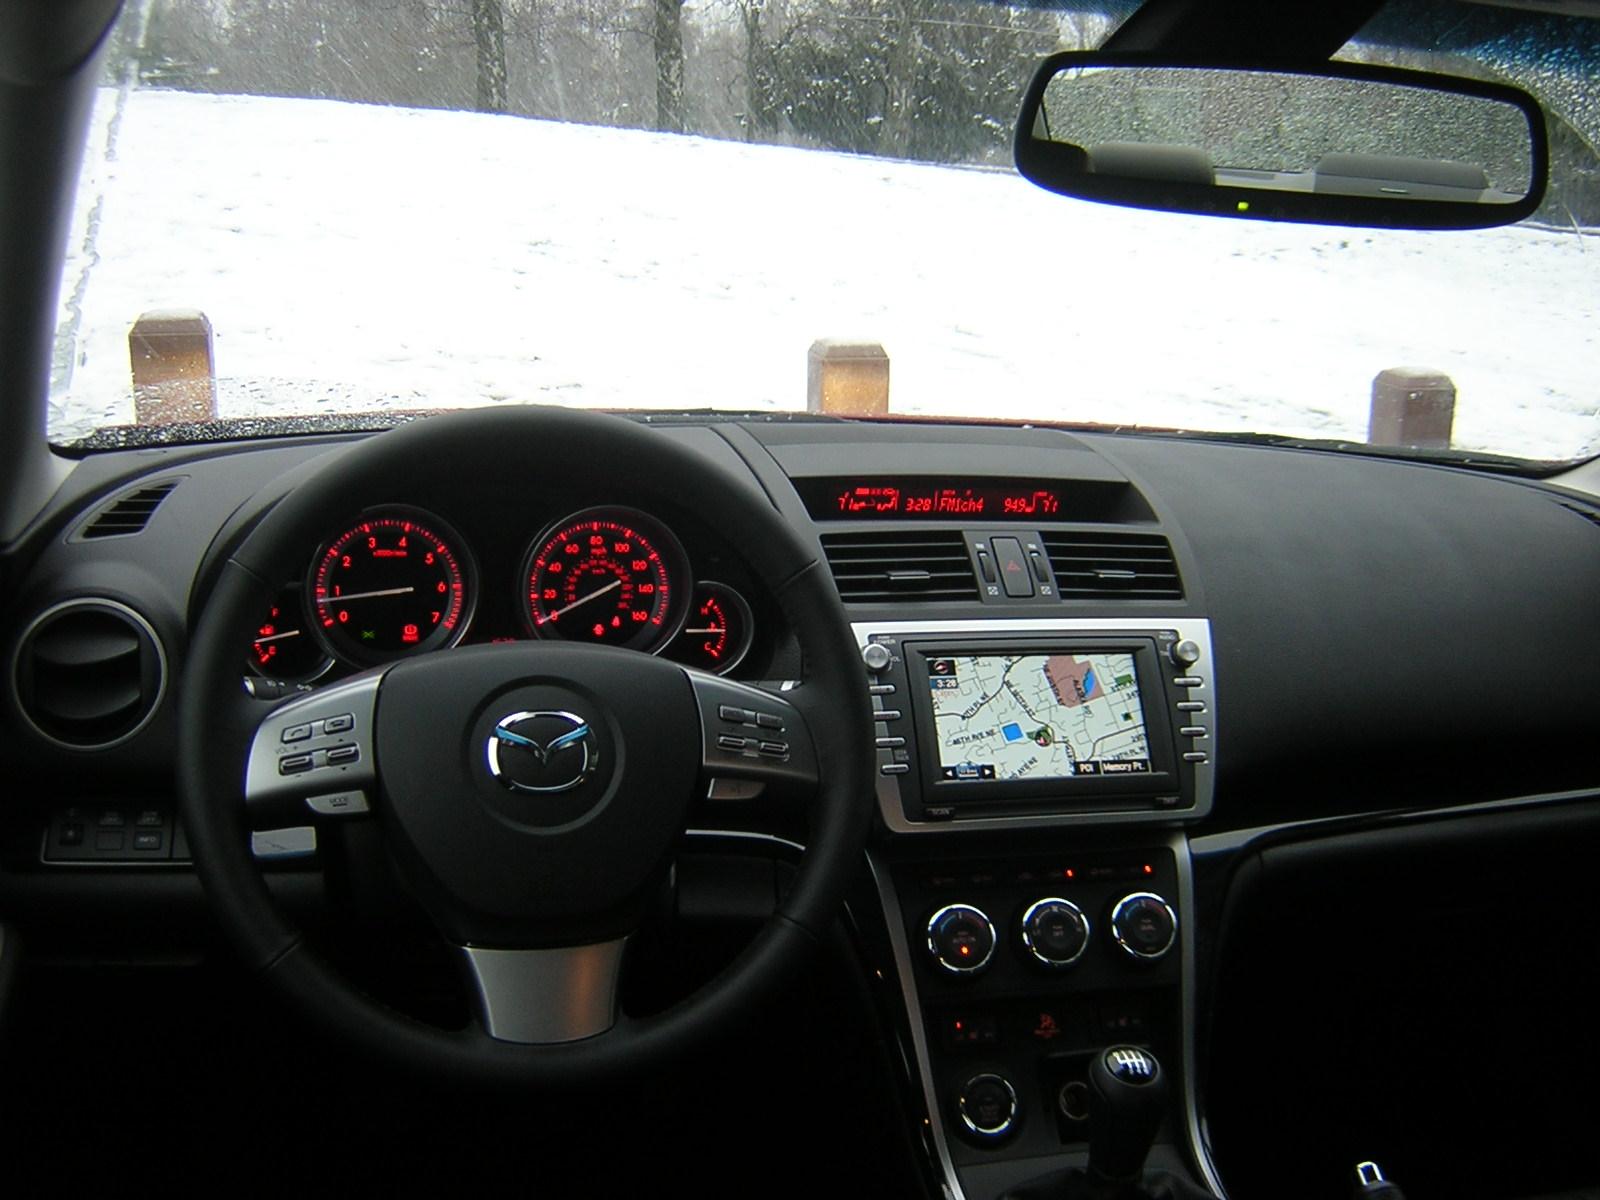 2010 Mazda Mazda6 Image 19